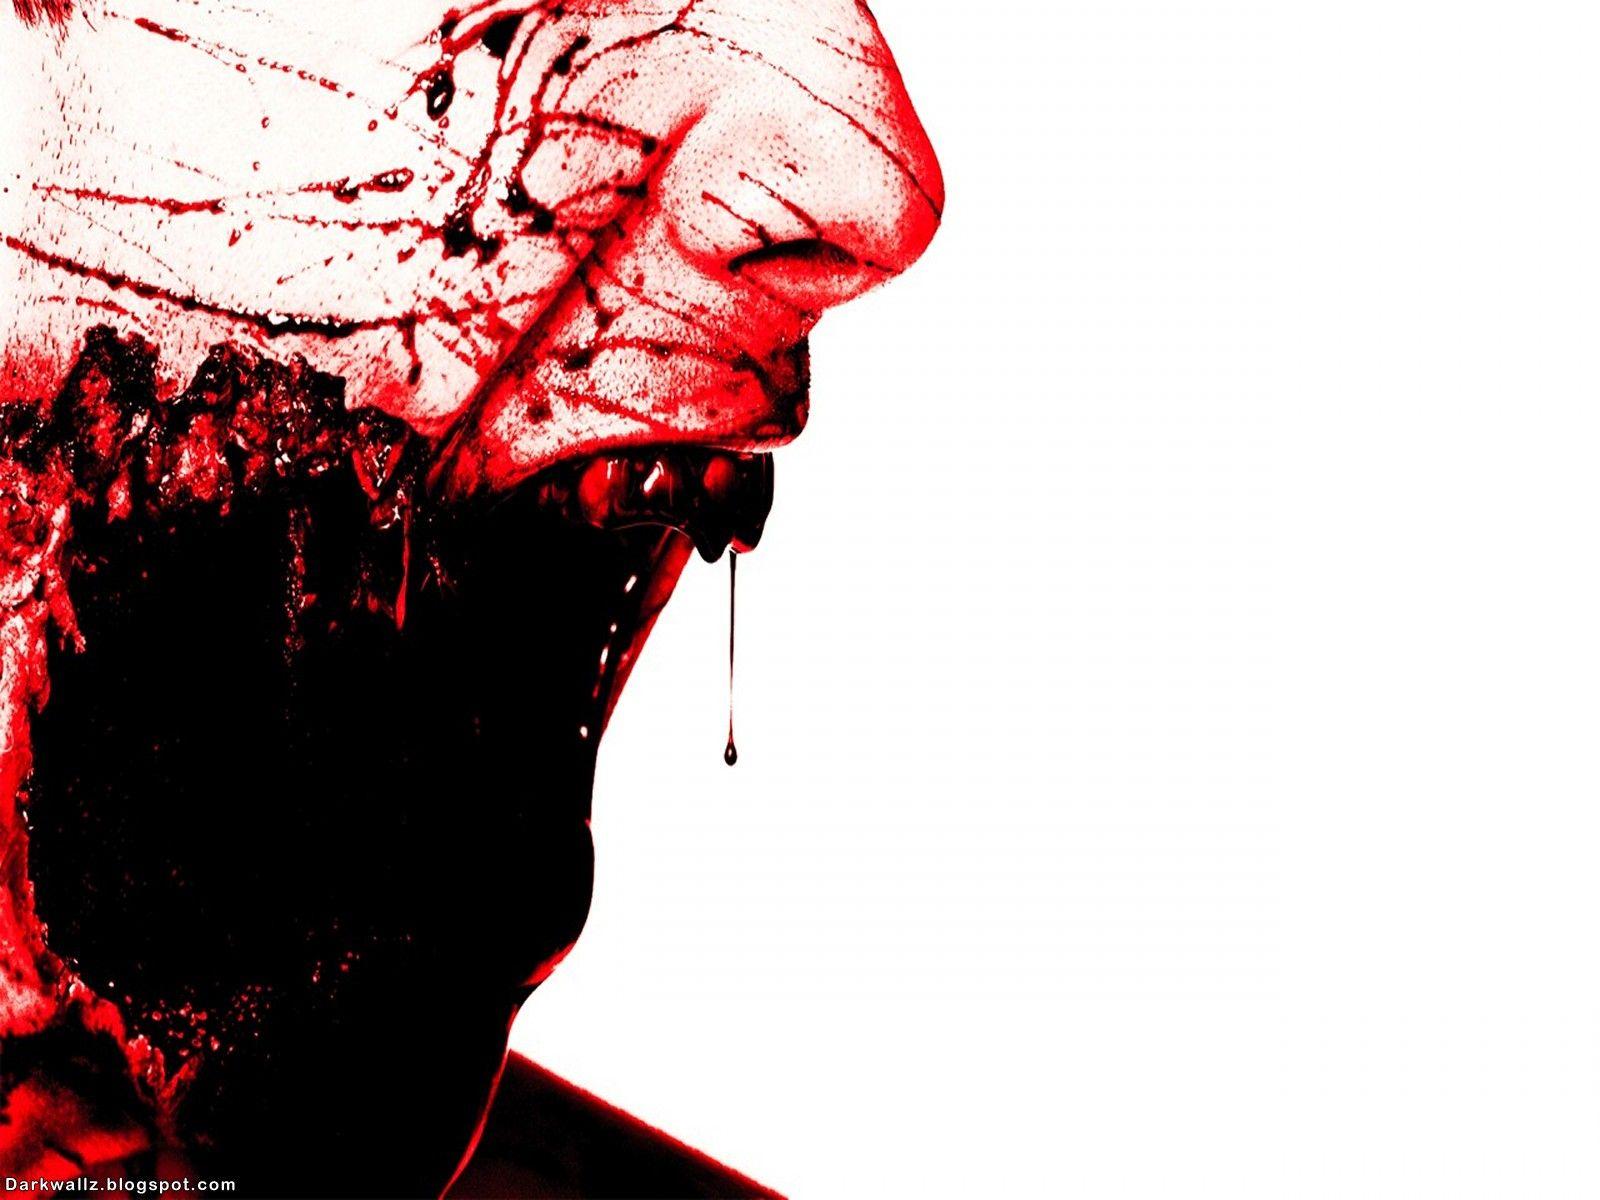 Bloody Wallpaper HD